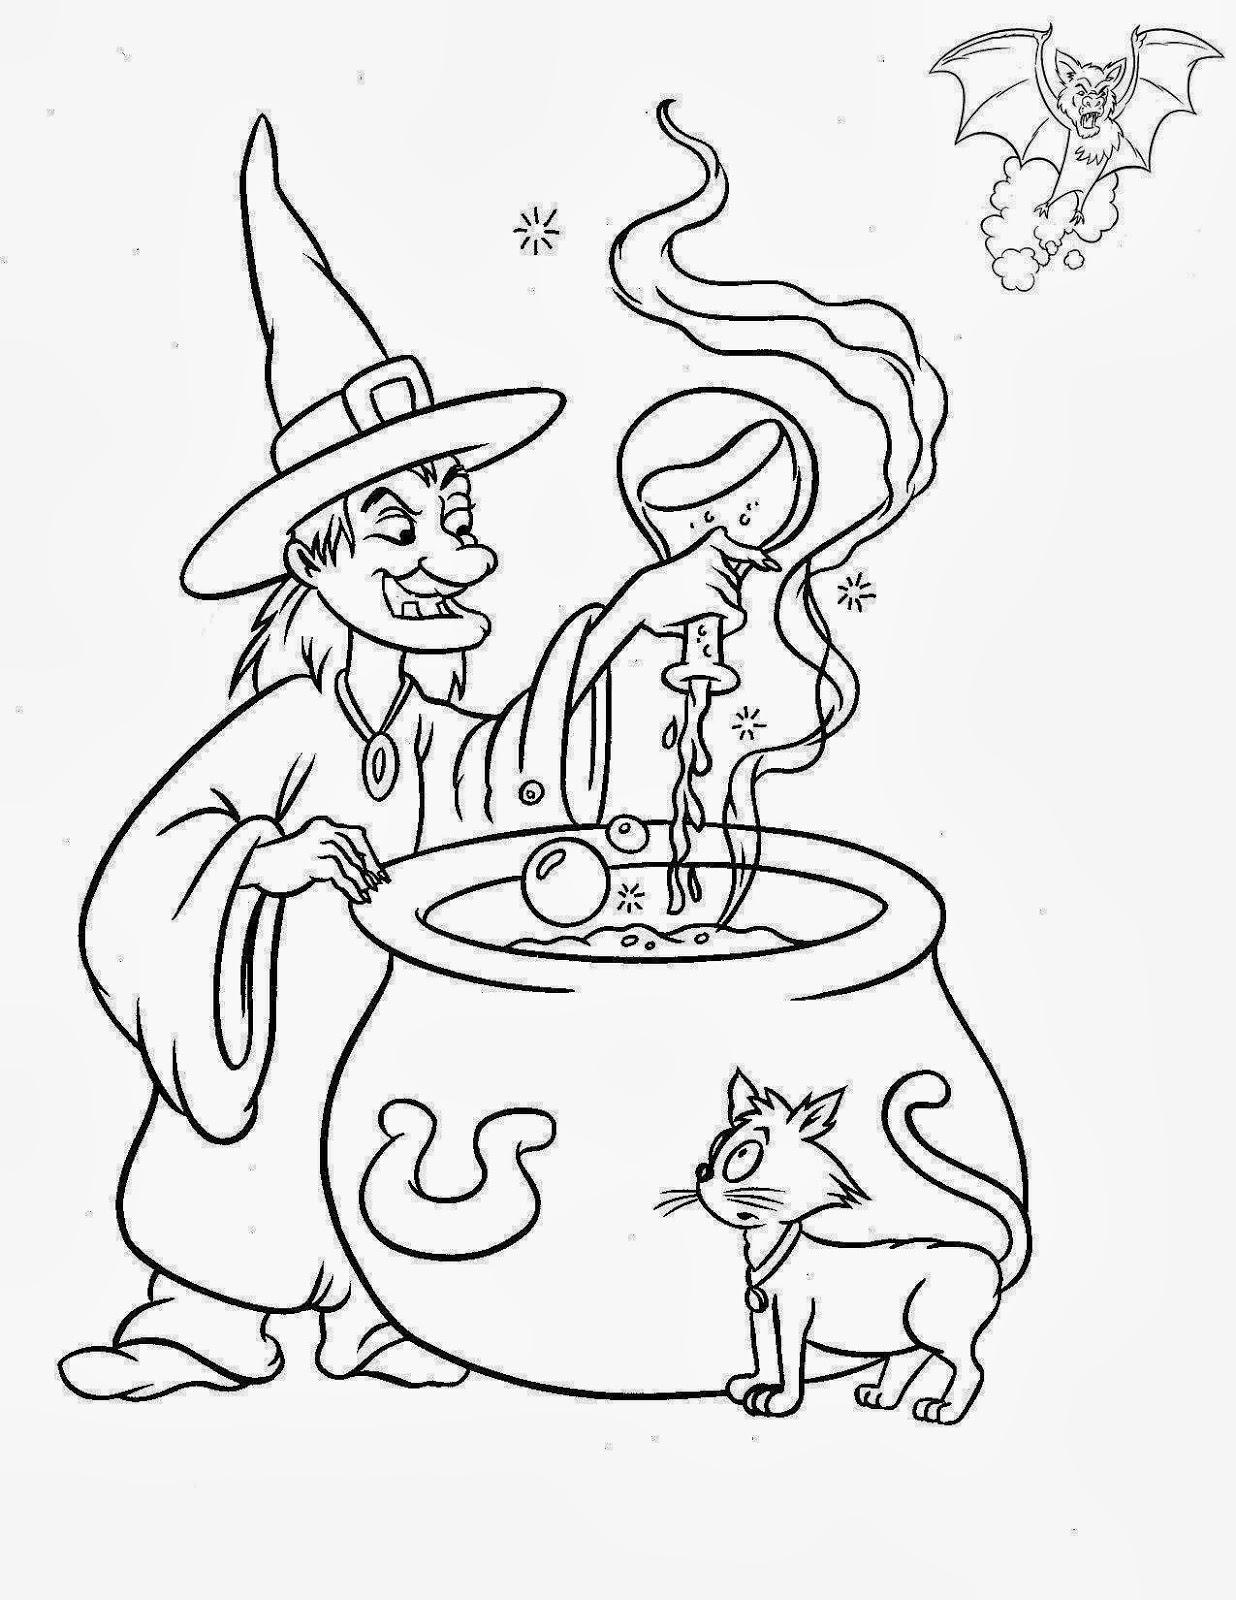 Brujas de Halloween para Pintar, parte 1 - IMÁGENES PARA WHATSAPP ...